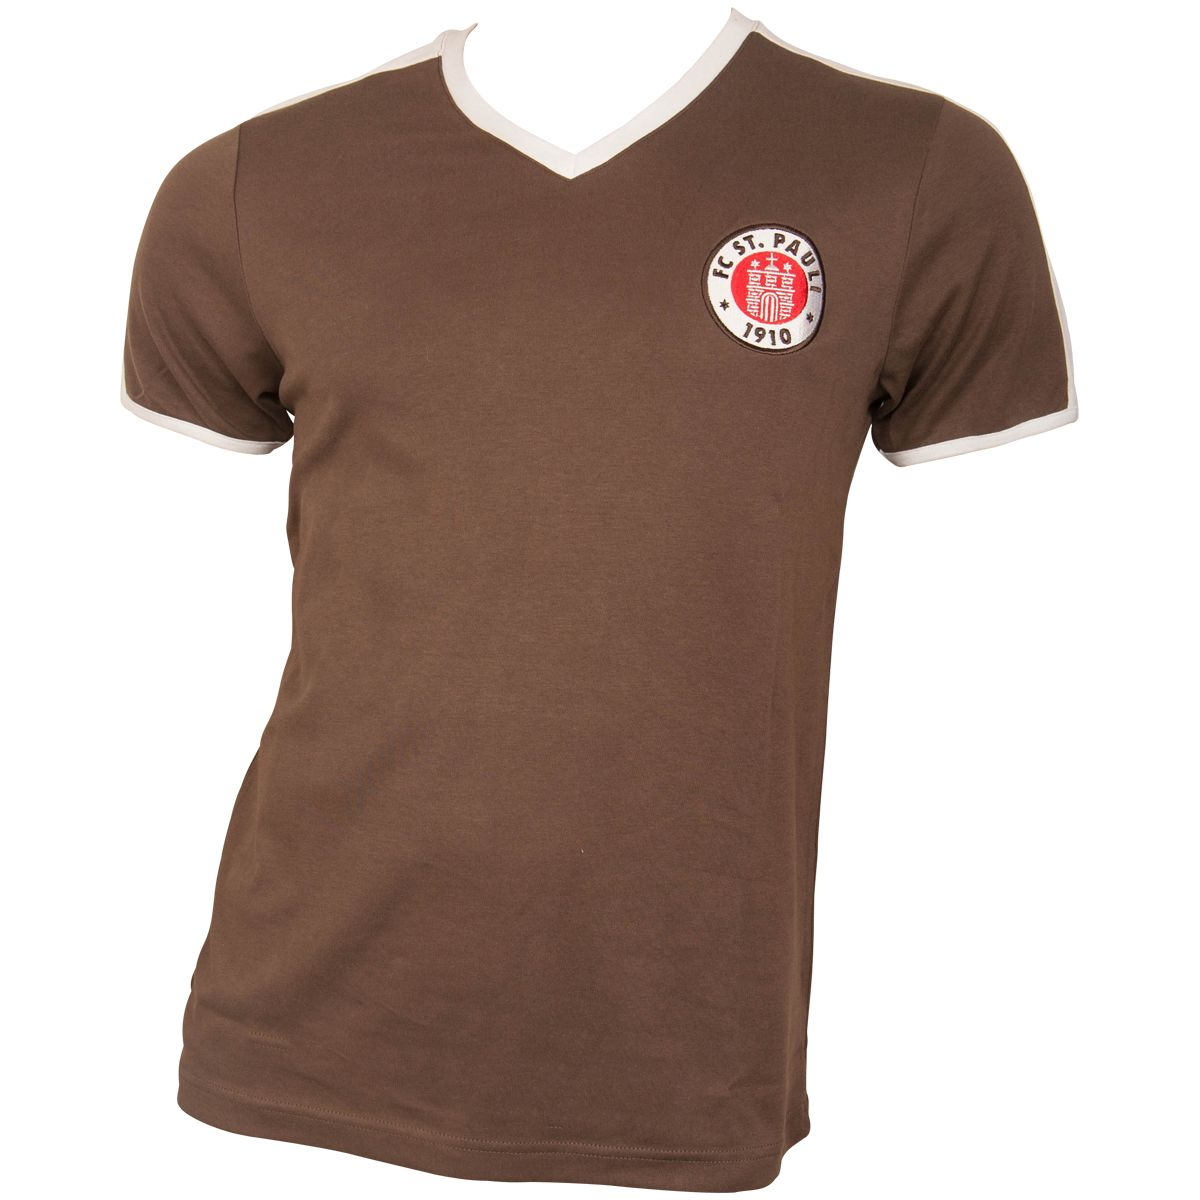 FC St. Pauli - Retrotrikot 1984 - braun